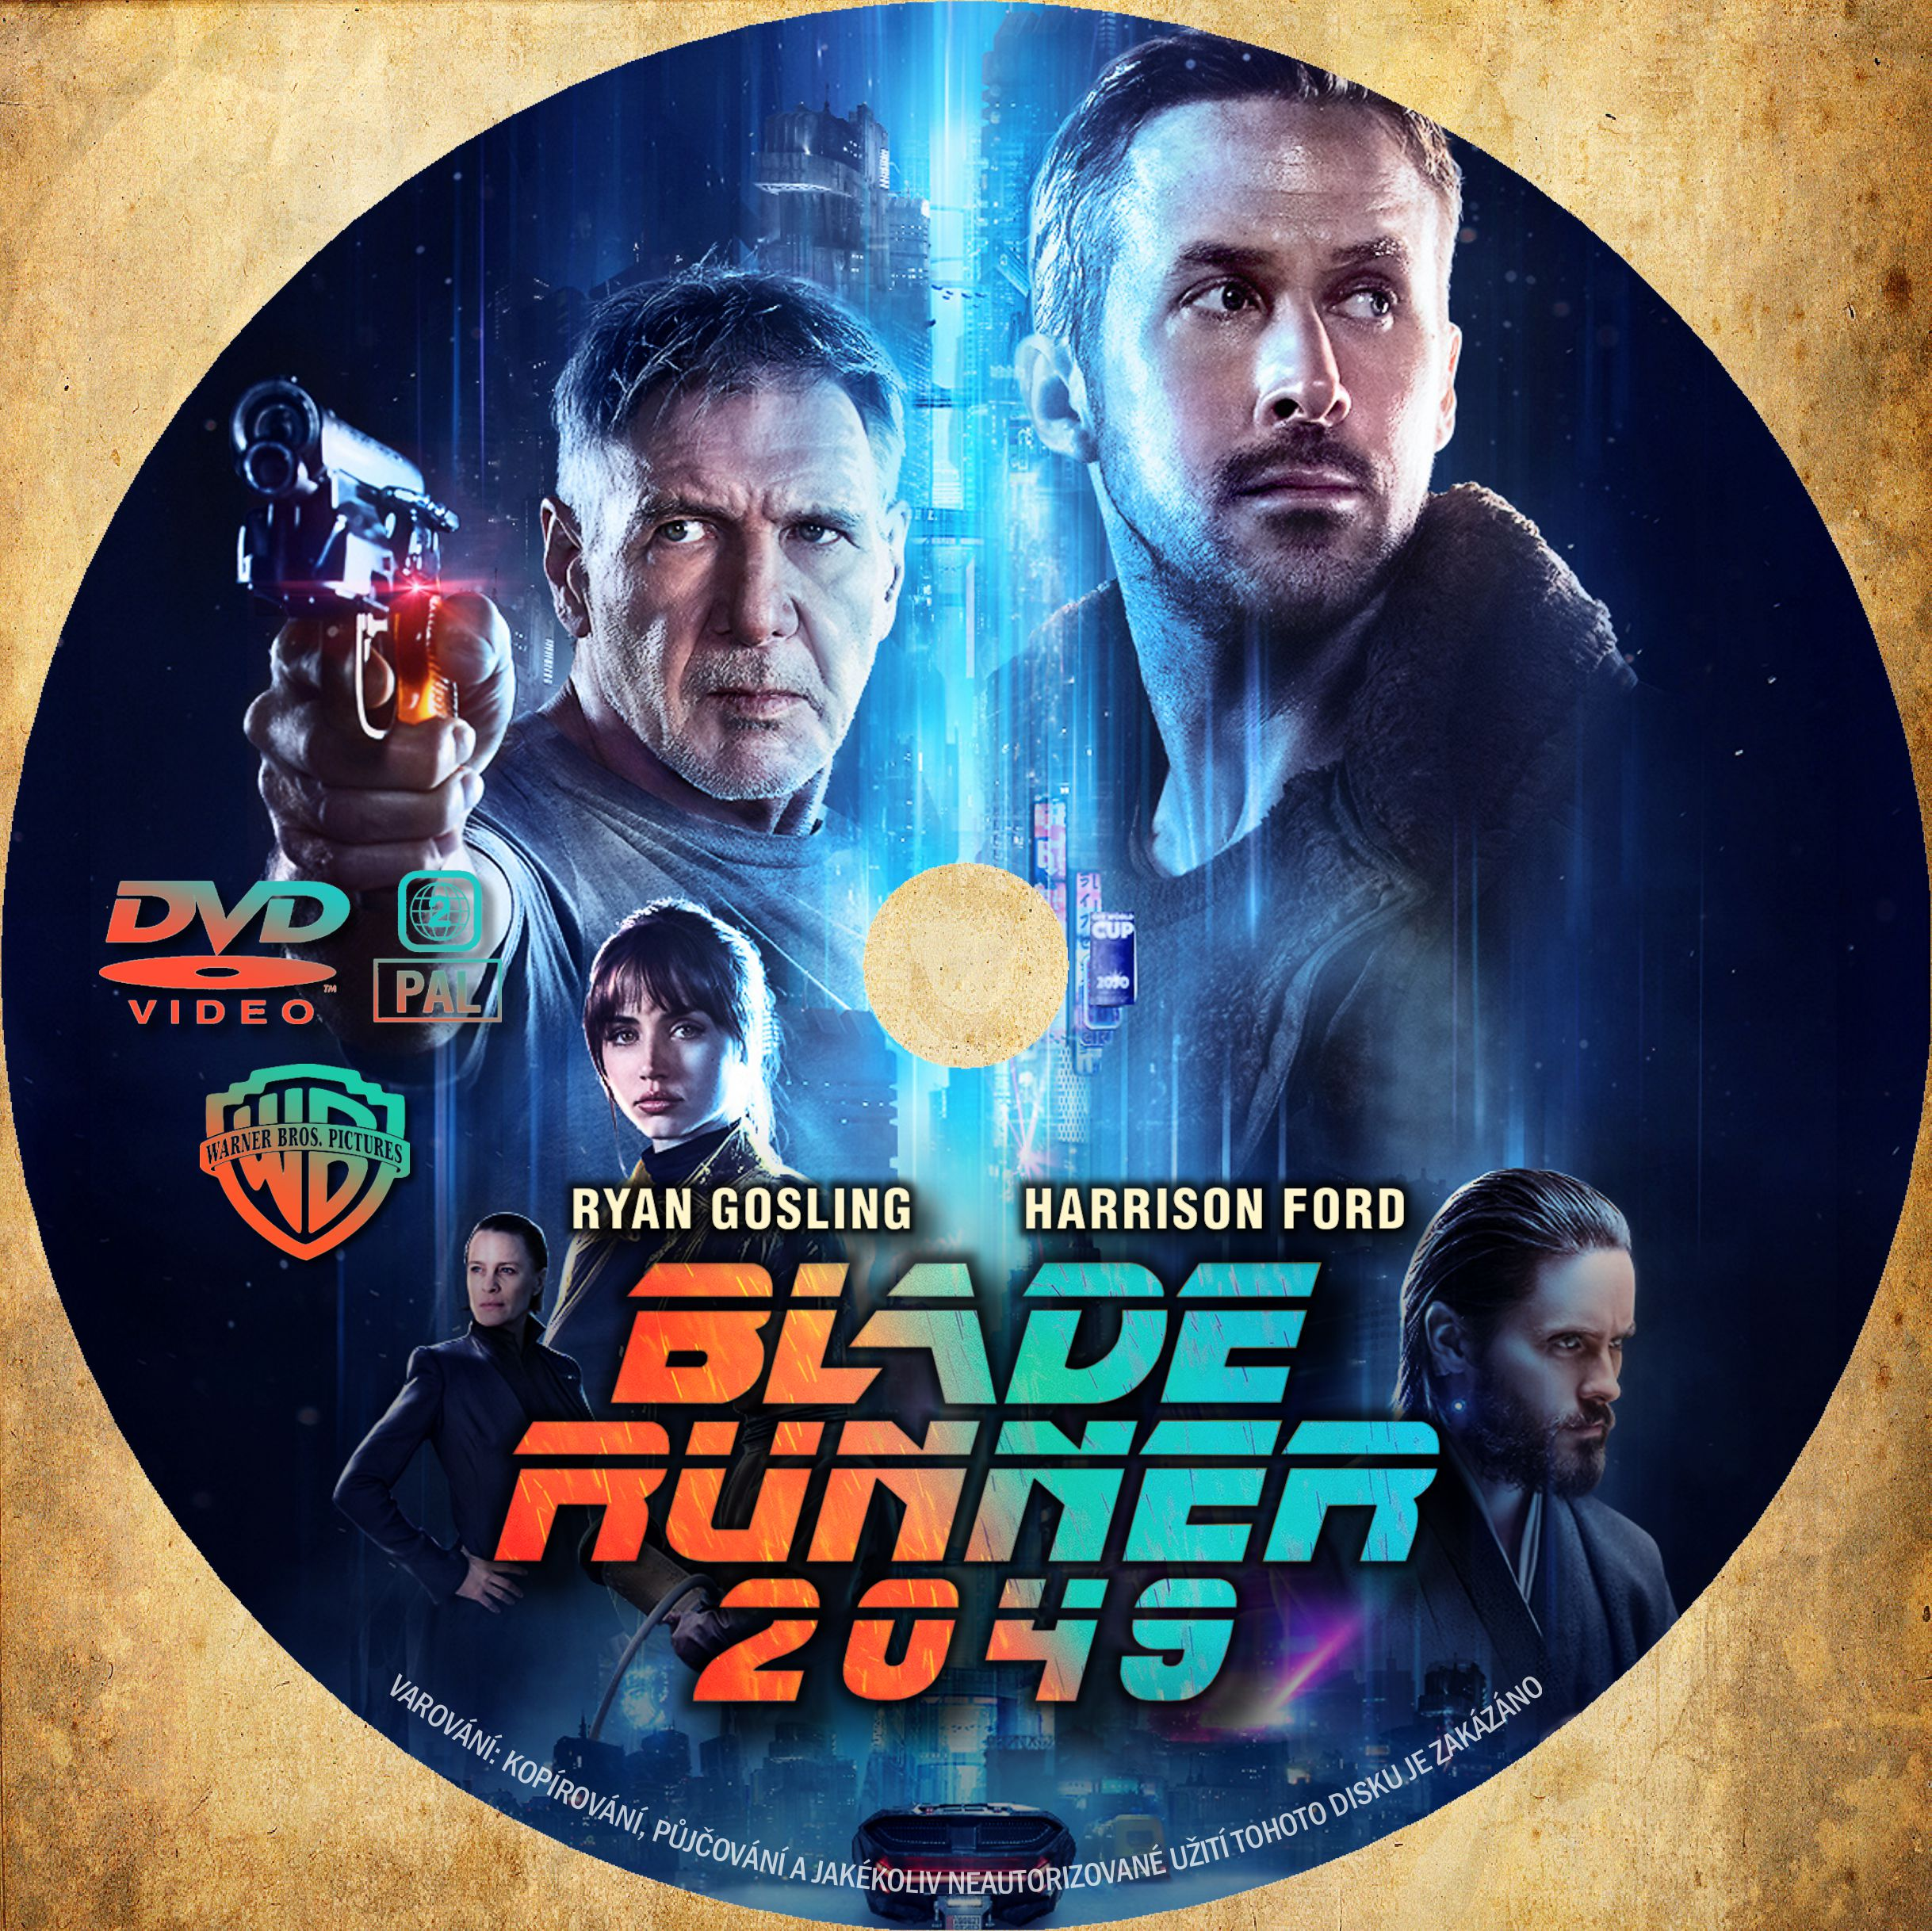 Blade Runner 2049 Dvd